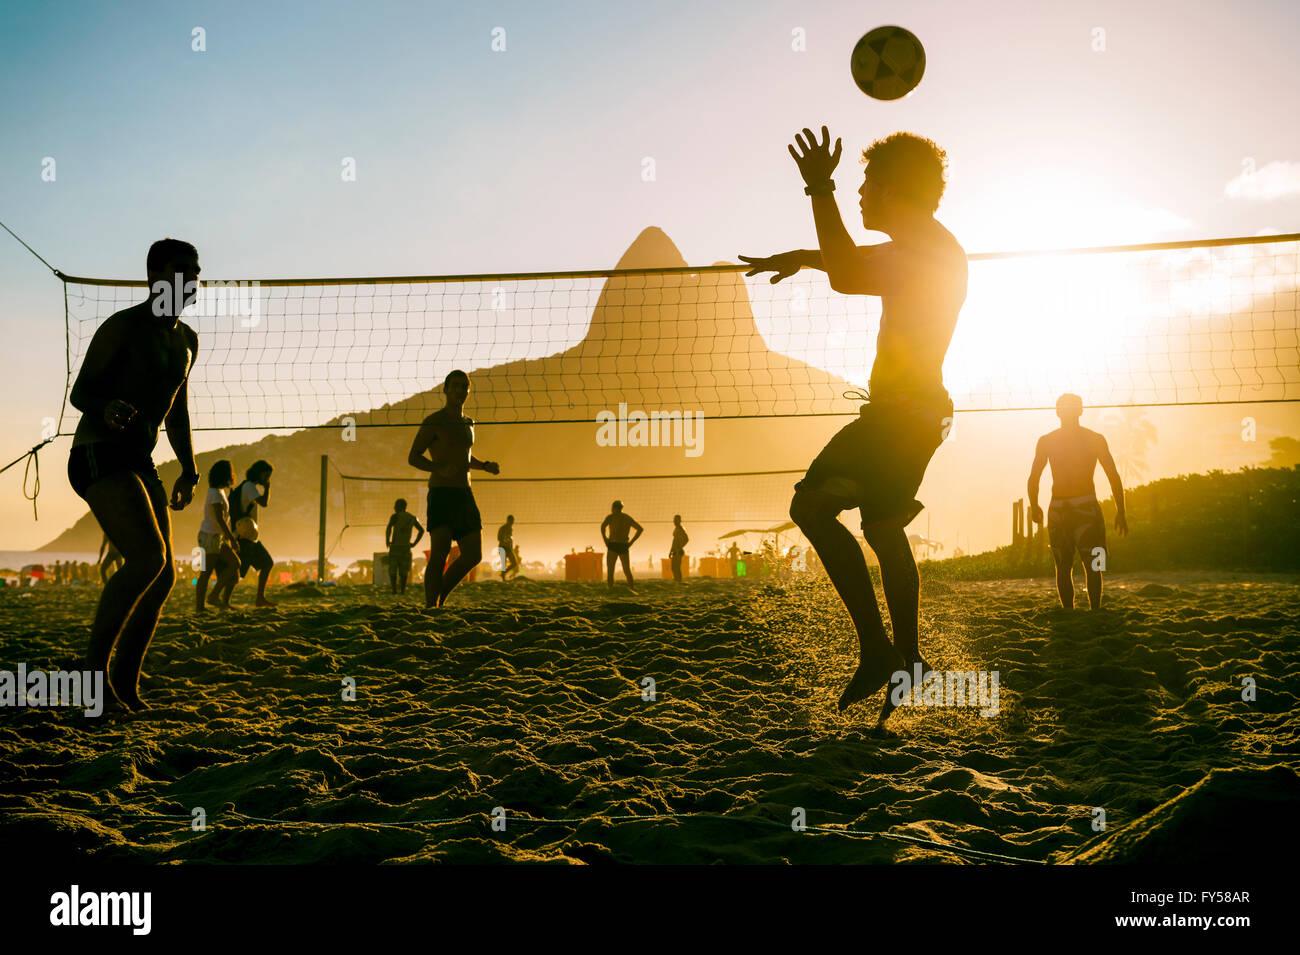 RIO DE JANEIRO - Marzo 27, 2016: Los brasileños juegan en la playa (footvolley futevolei), combinando el fútbol Imagen De Stock